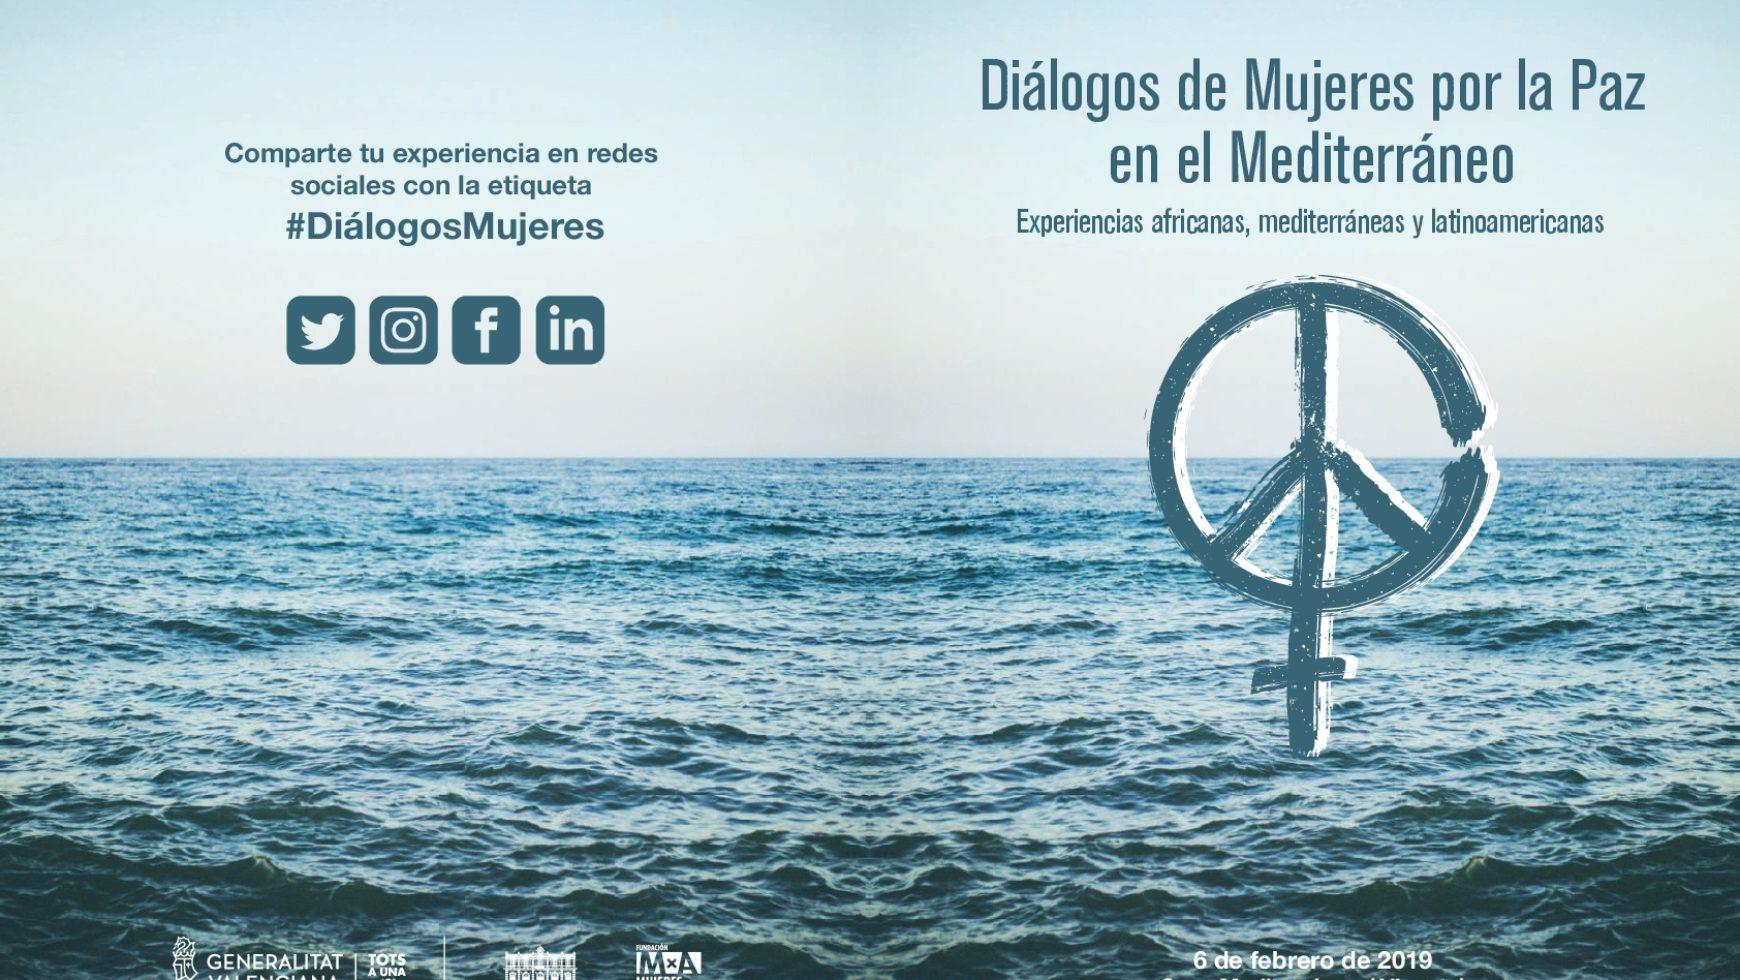 AEPA participa en el Foro Diálogos de Mujeres por la Paz en el Mediterráneo.